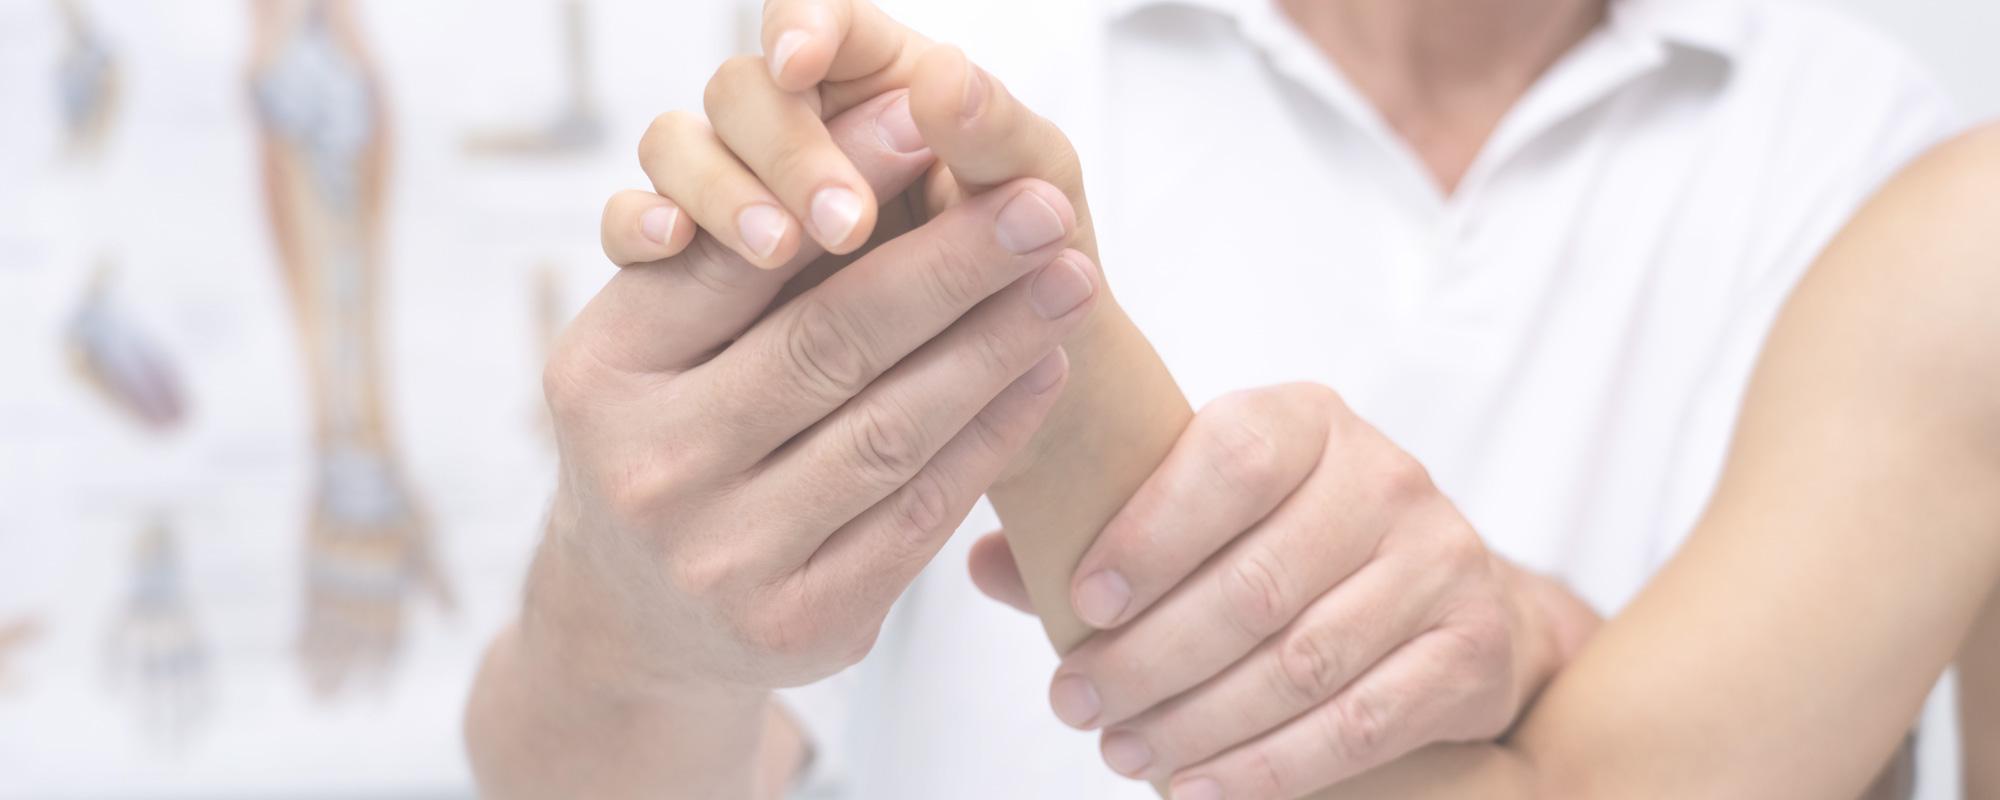 Handchirurgie, Karpaltunnelsyndrom, Knochenbruch Hand, Arzt Mallorca